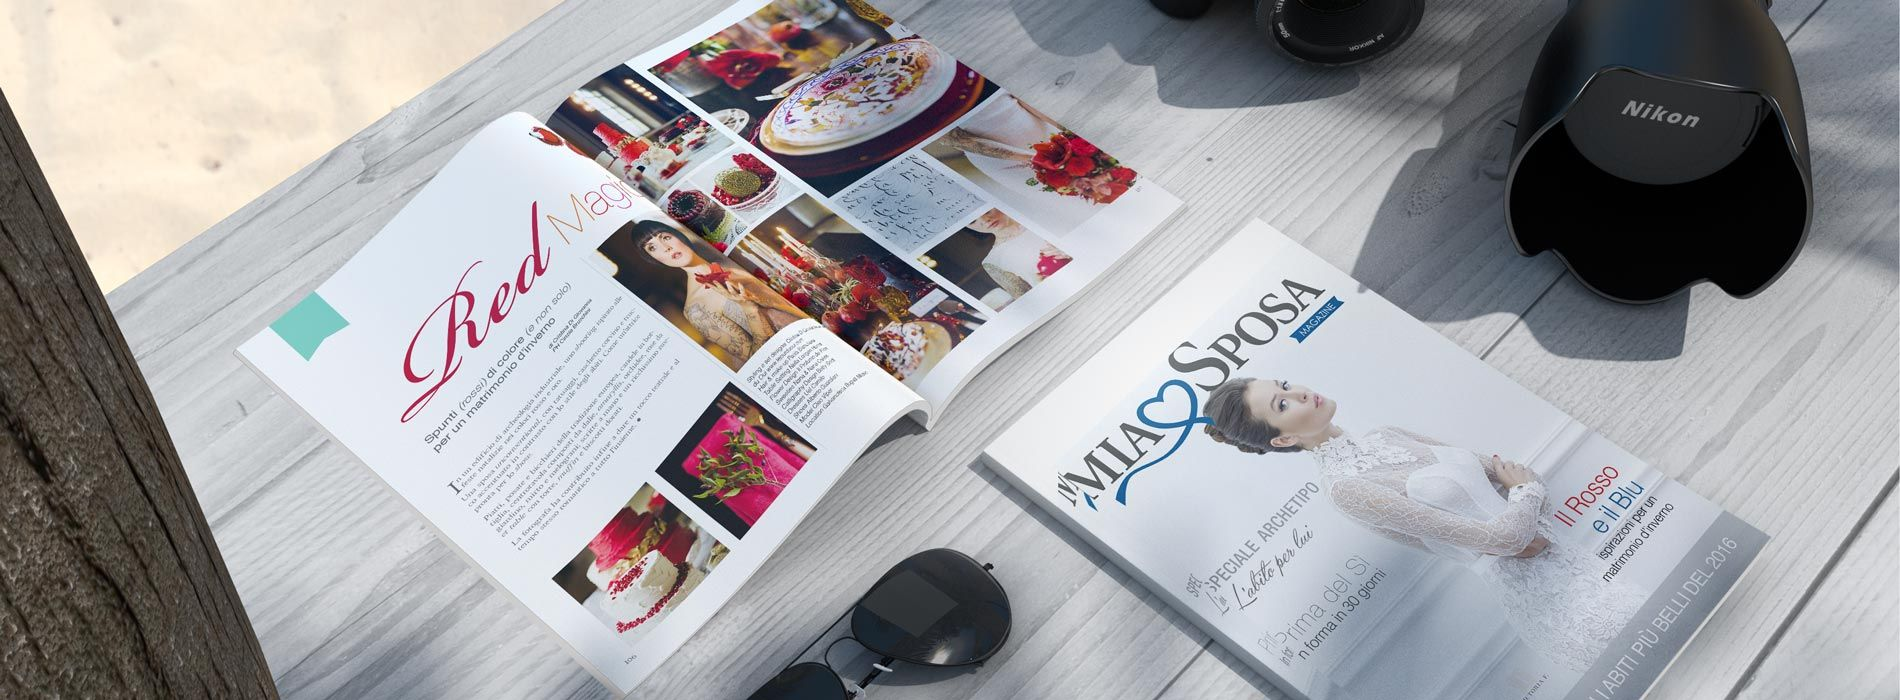 agenzia-pubblicitaria-caserta-rivista